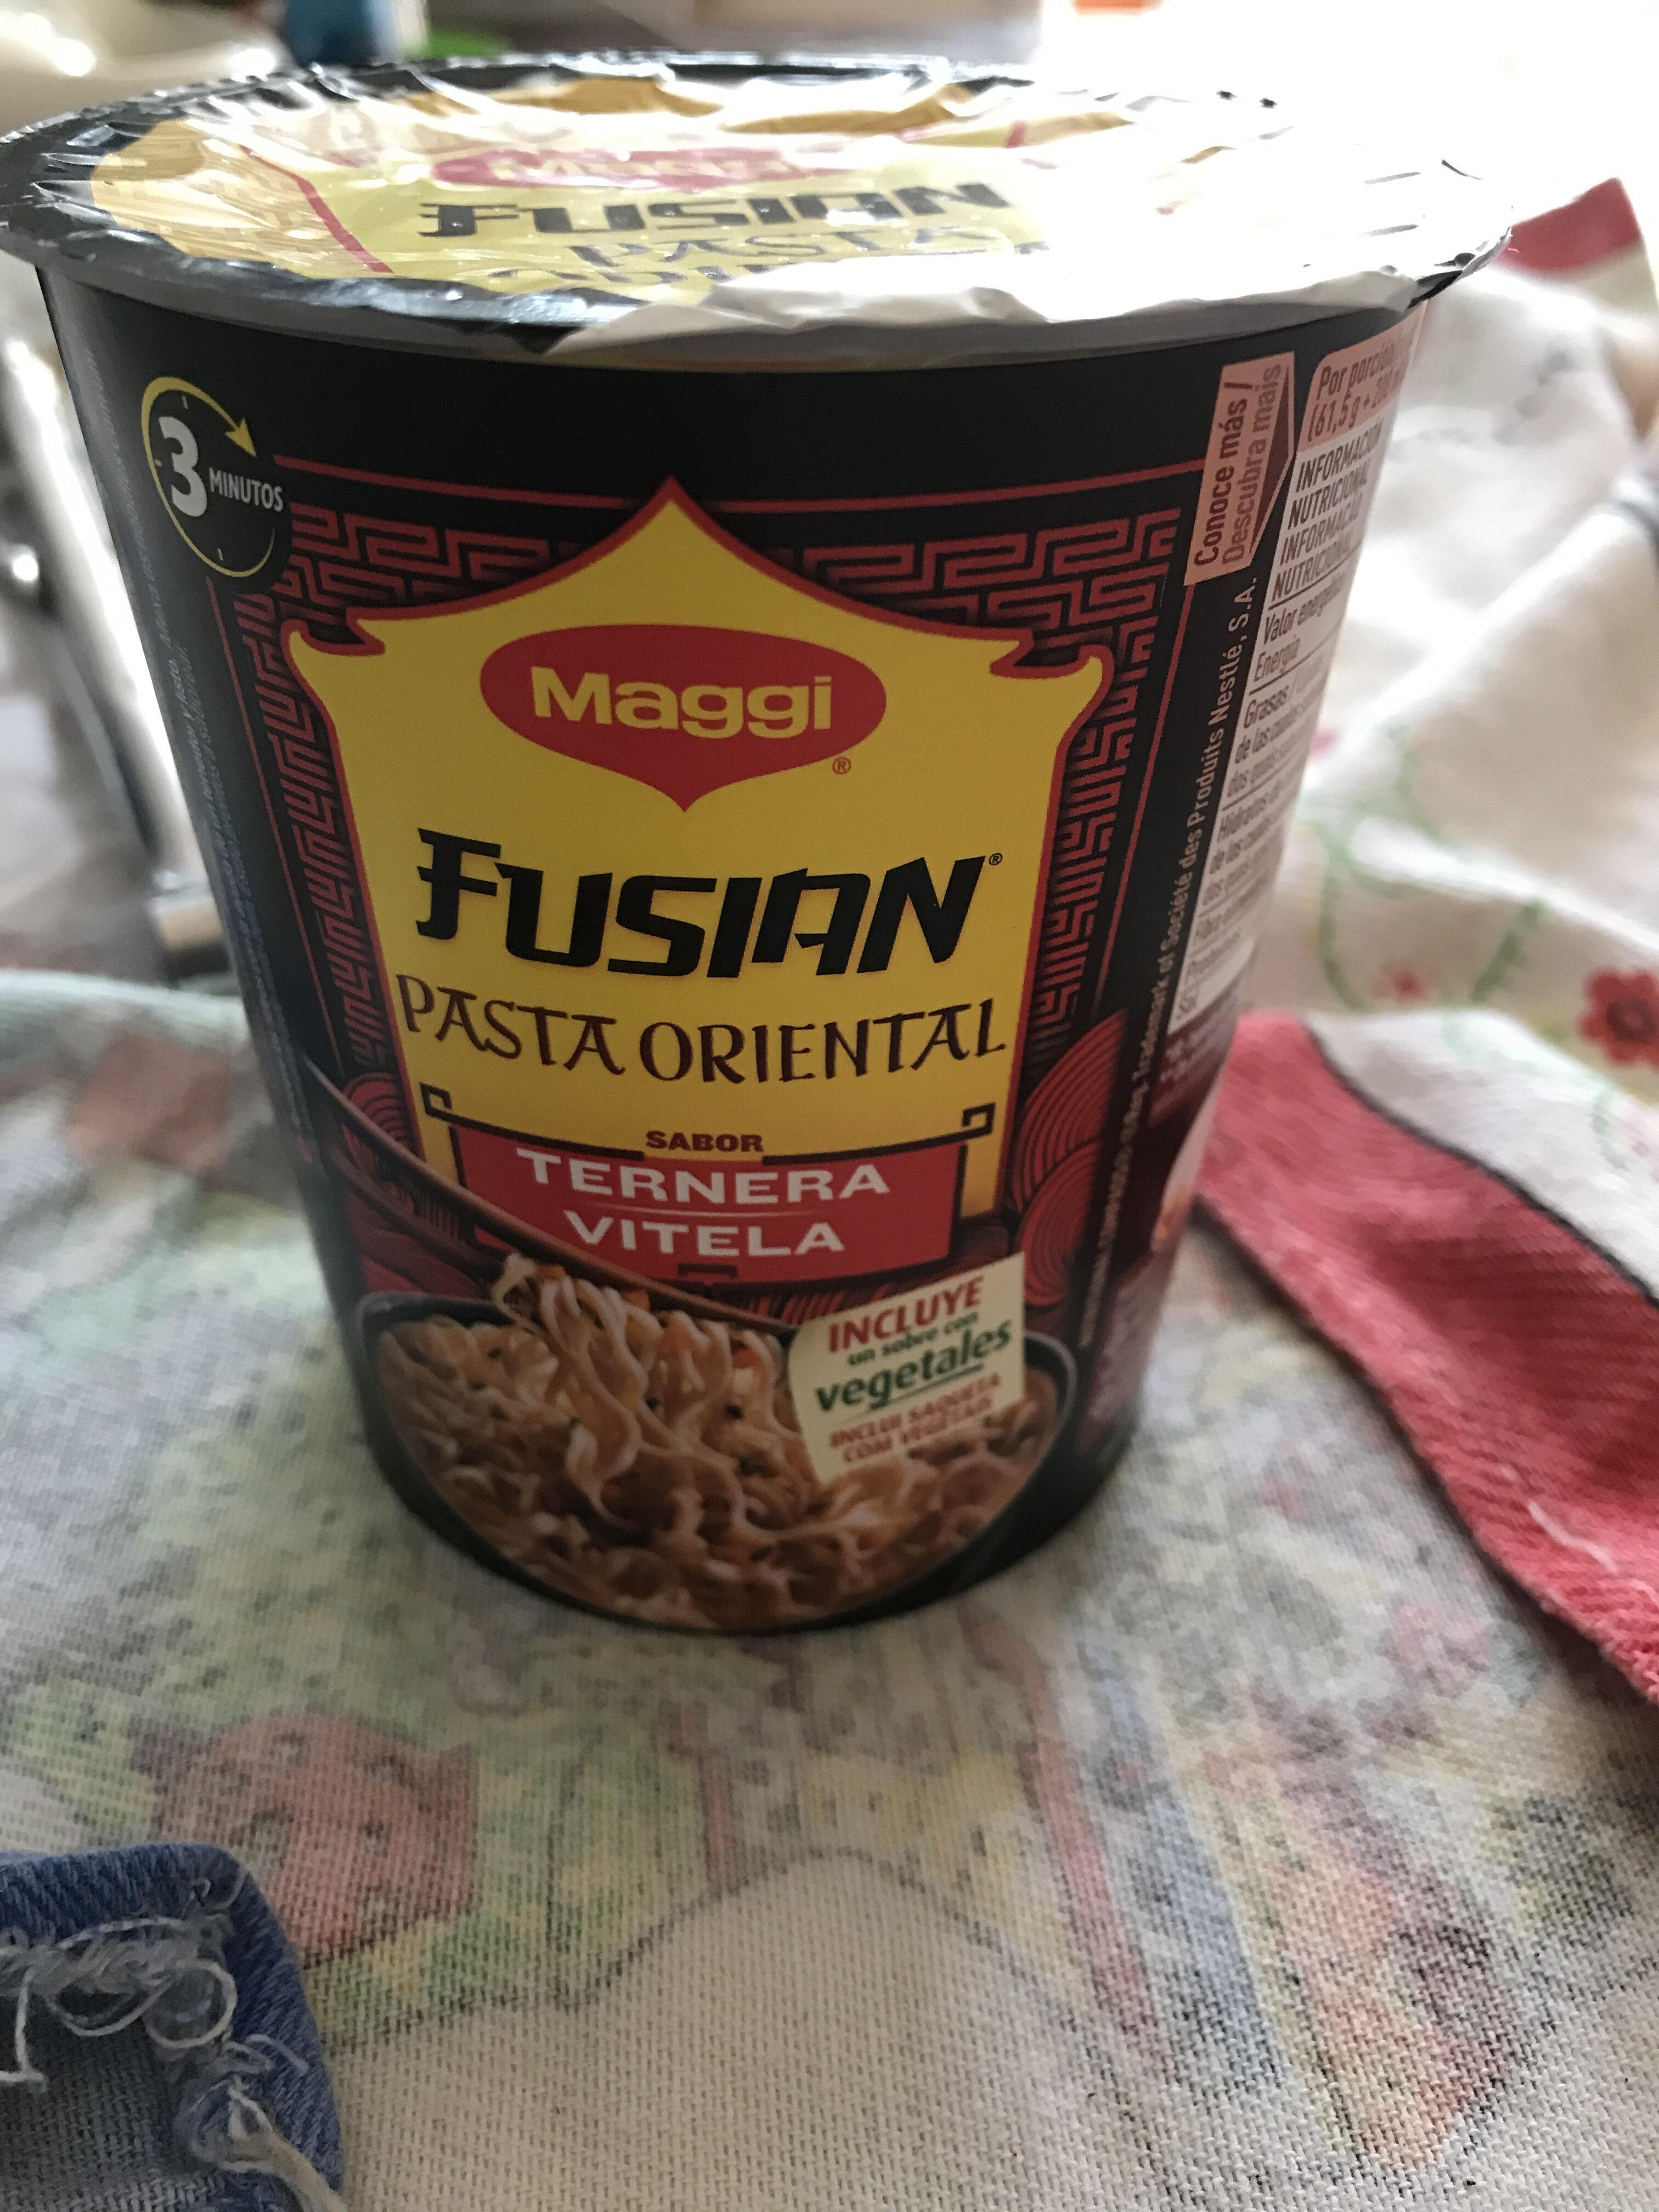 Pasta Oriental Vedella Cup Maggi Express - Product